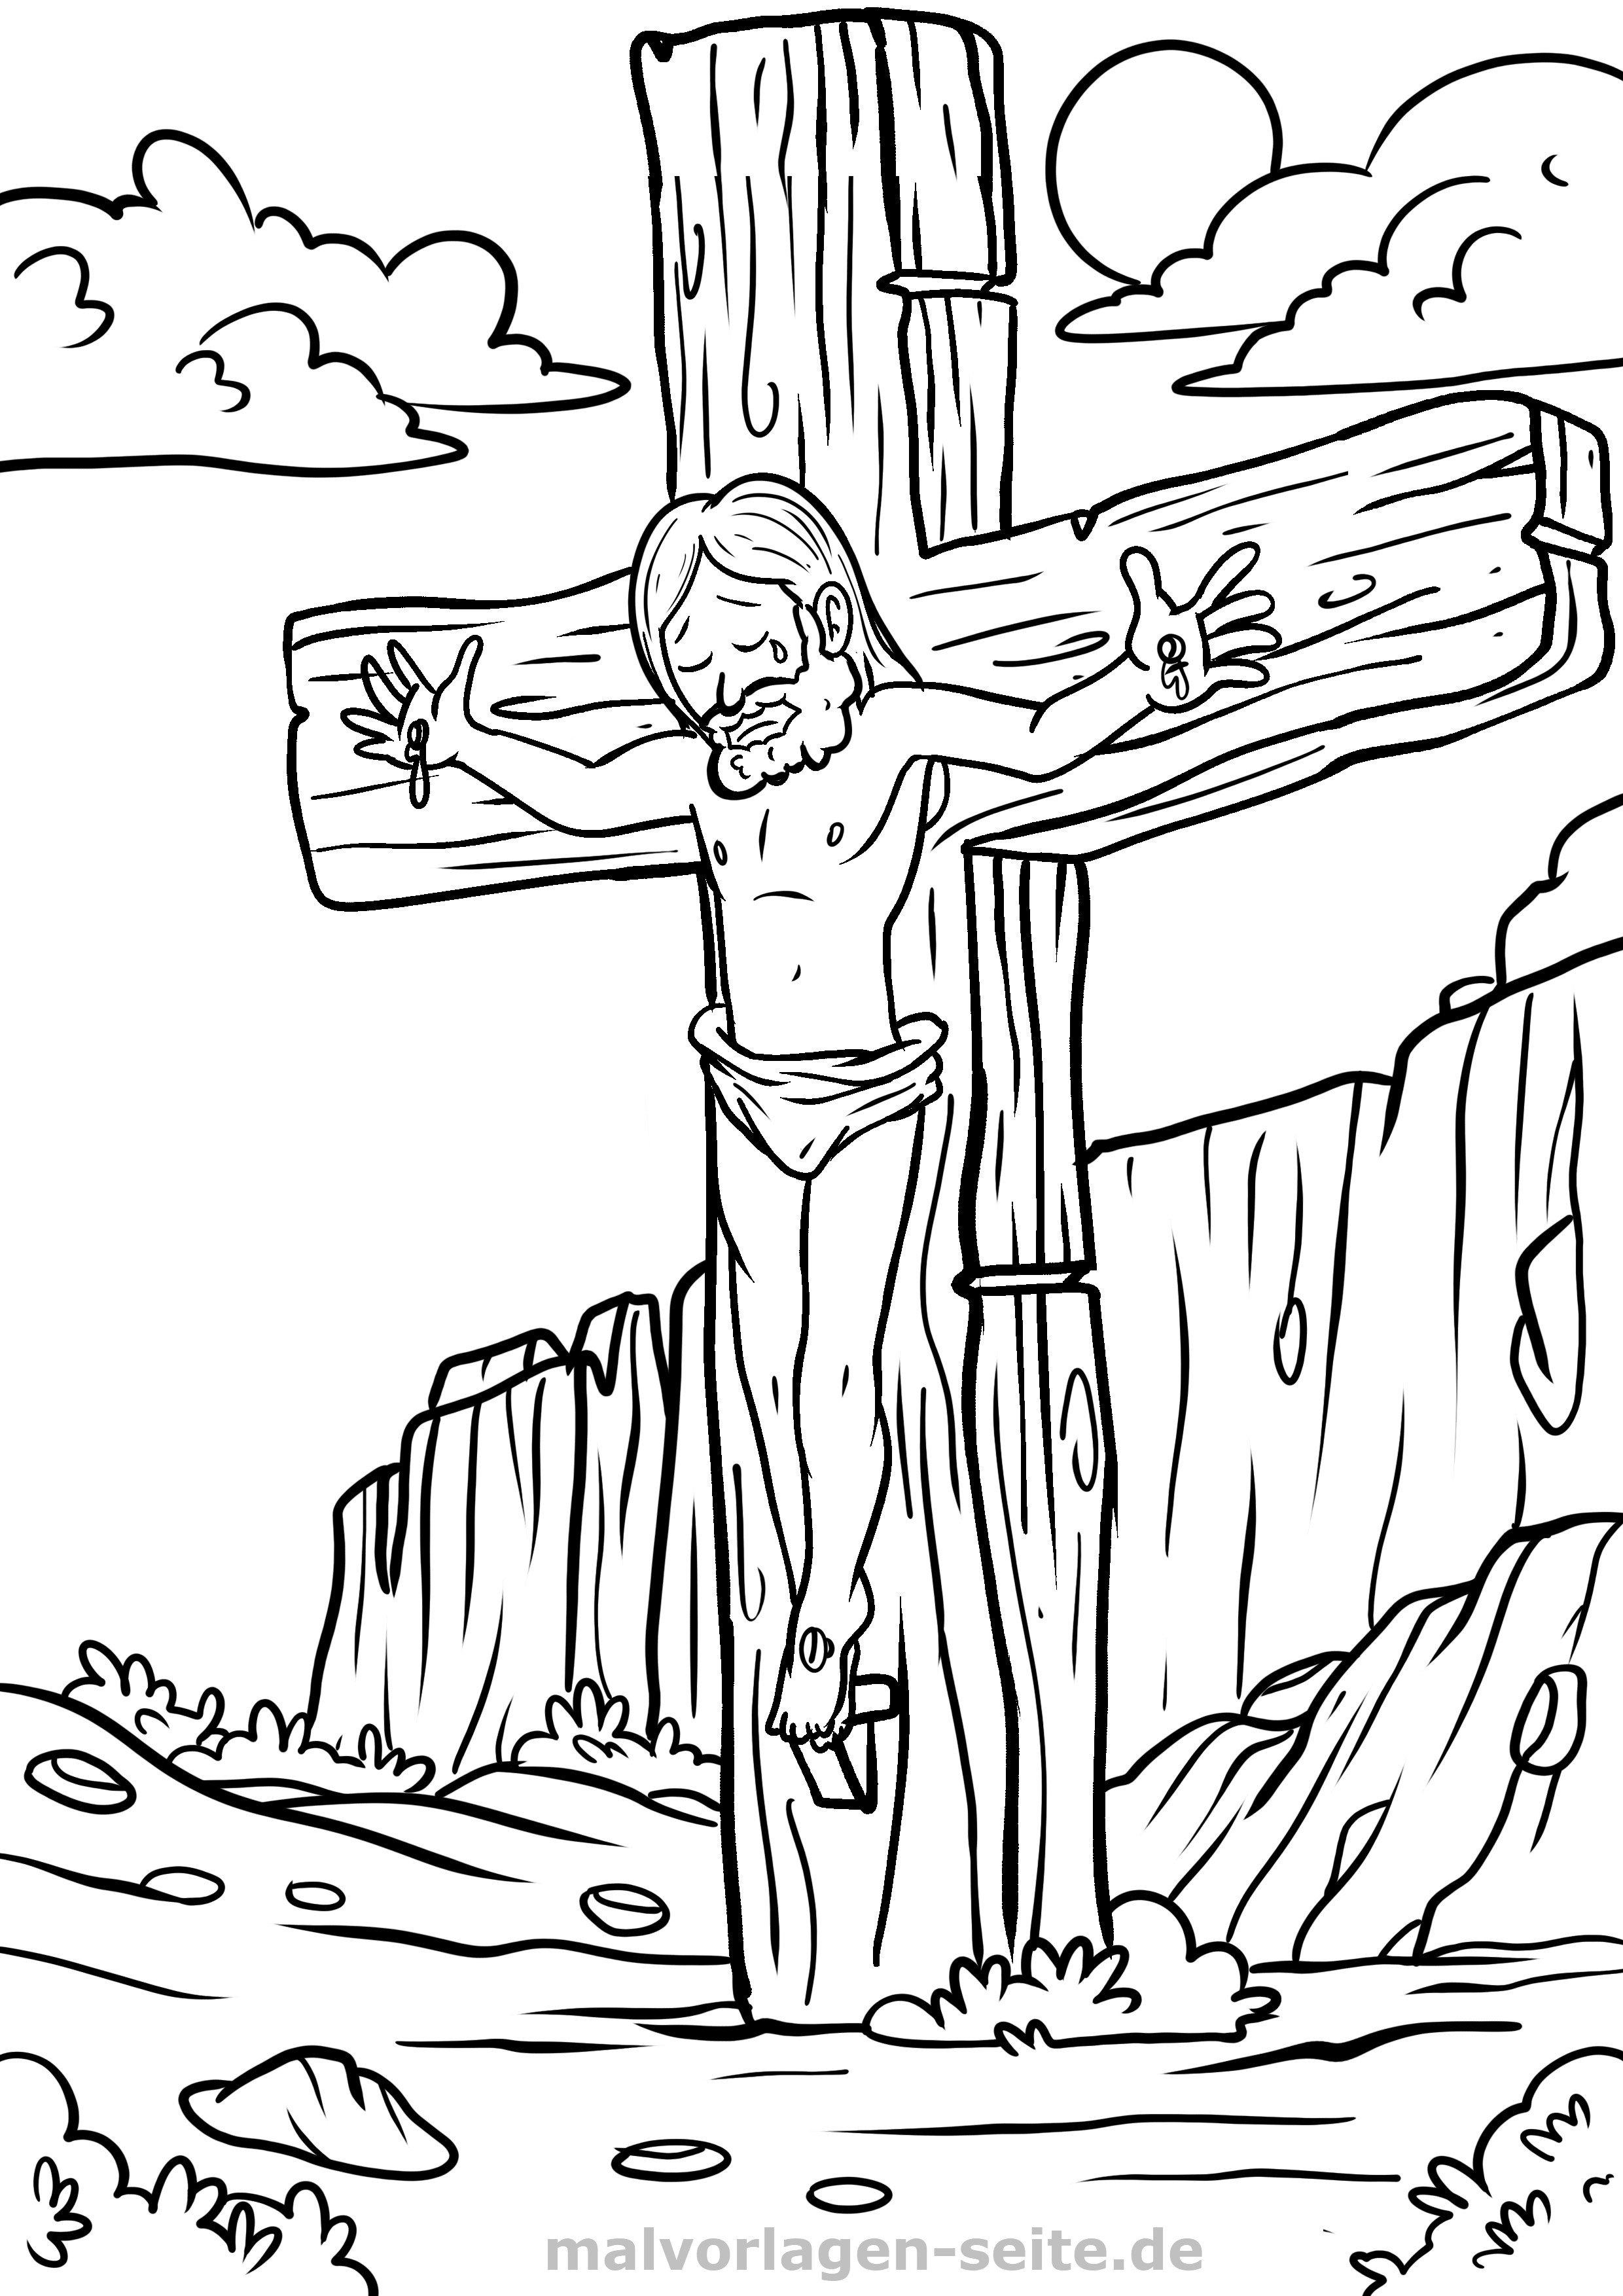 Malvorlage Religion - Kreuzigung Jesus | Gratis Malvorlagen zum Download